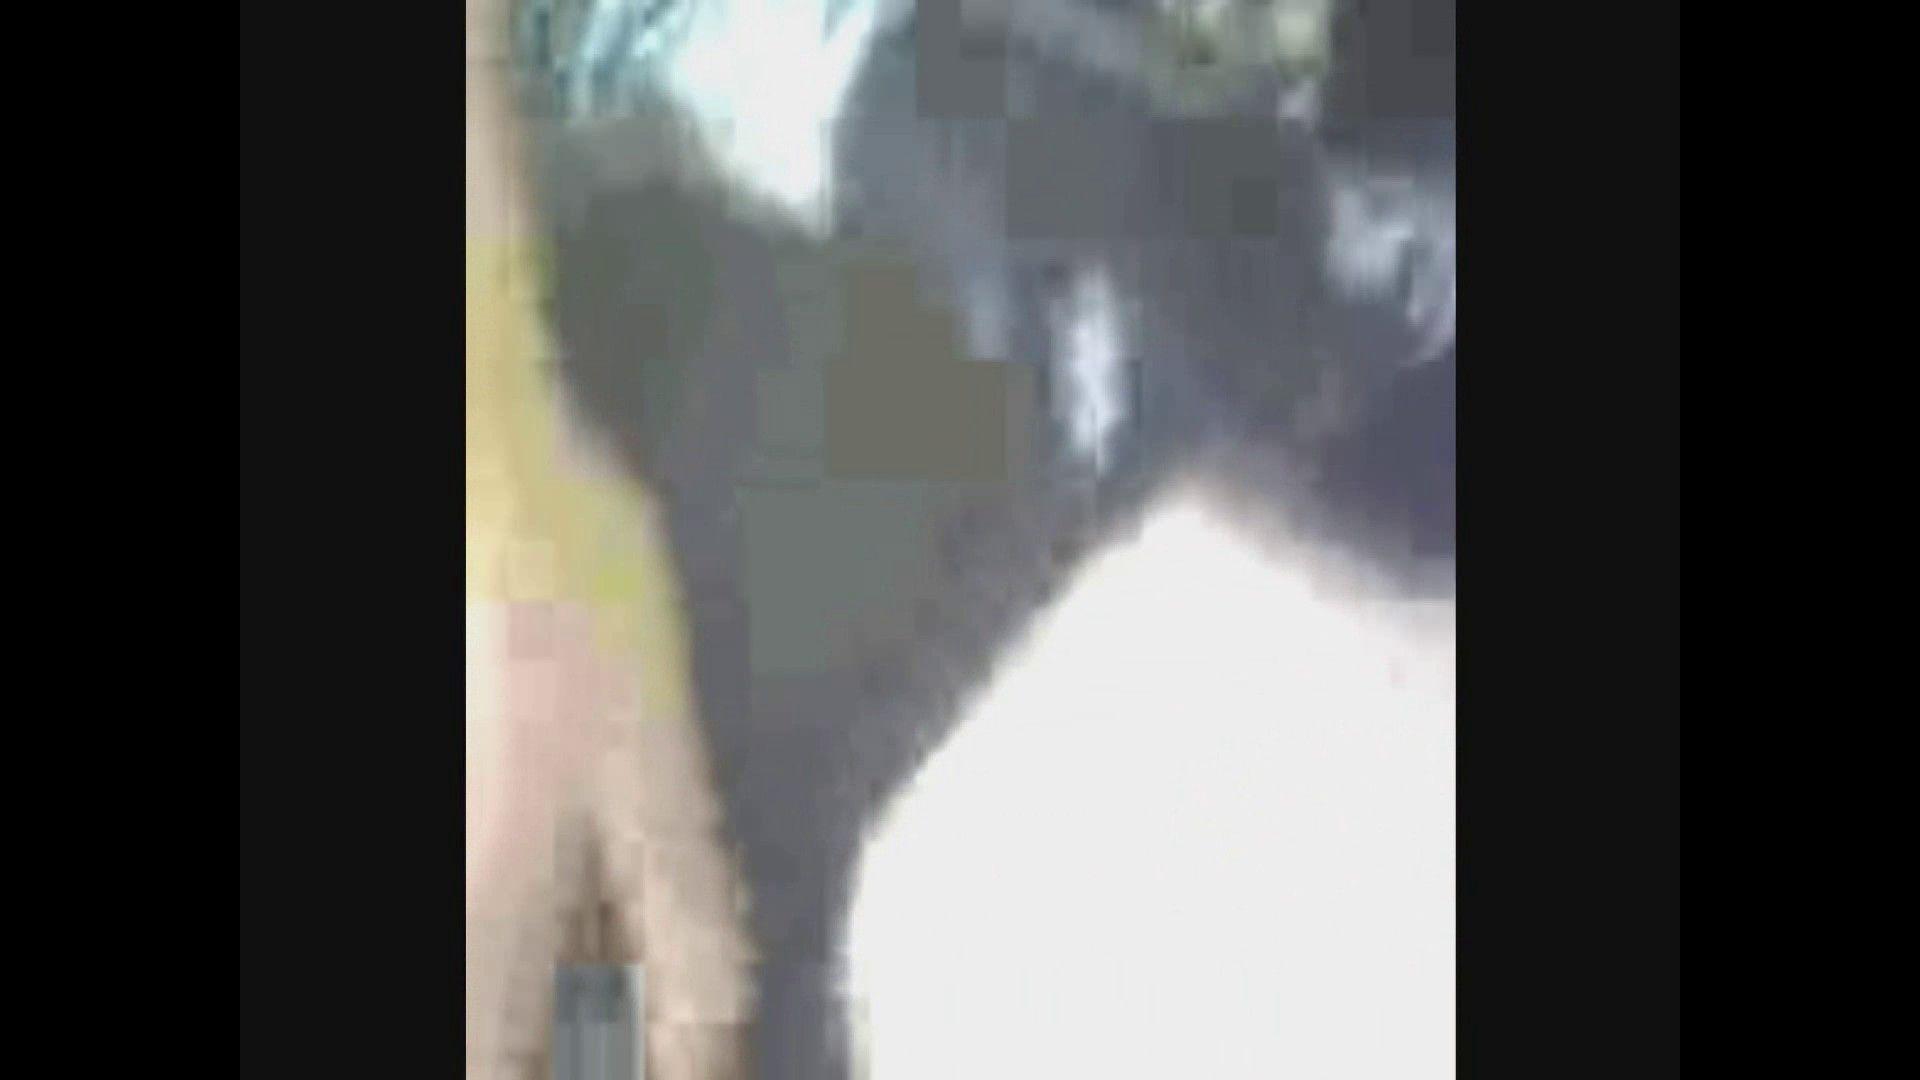 淫乱オナニー百花繚乱 Vol.07 オナニーガール 隠し撮りオマンコ動画紹介 66PIX 53